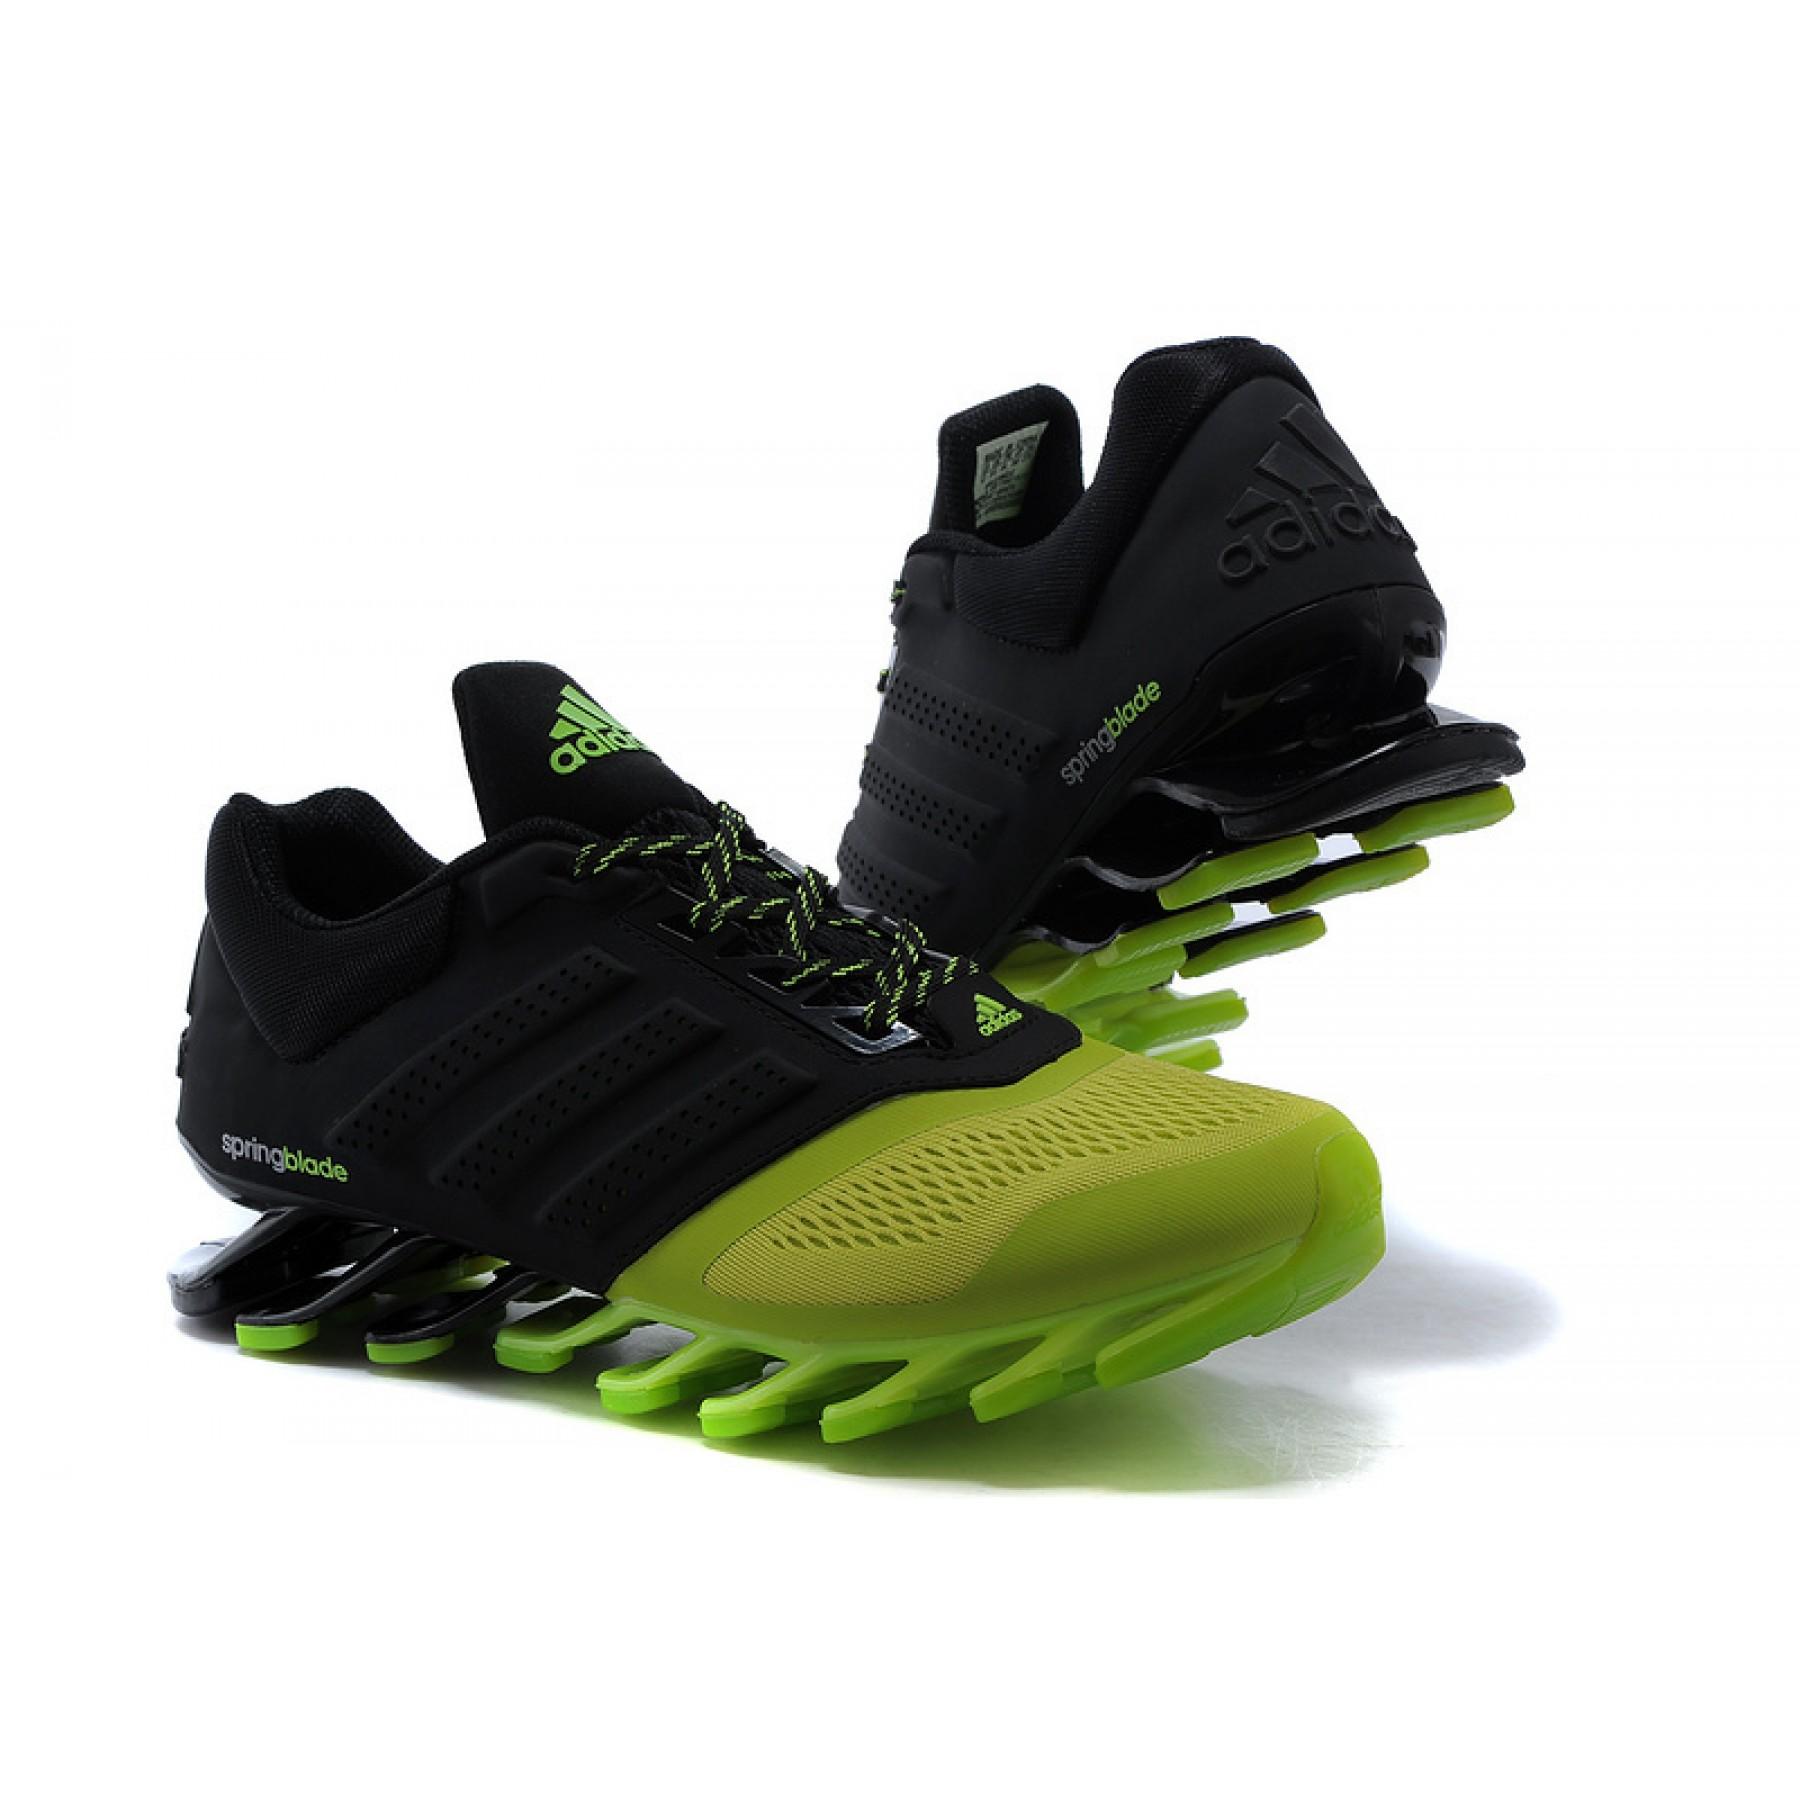 adidas springblade drive verde e preto